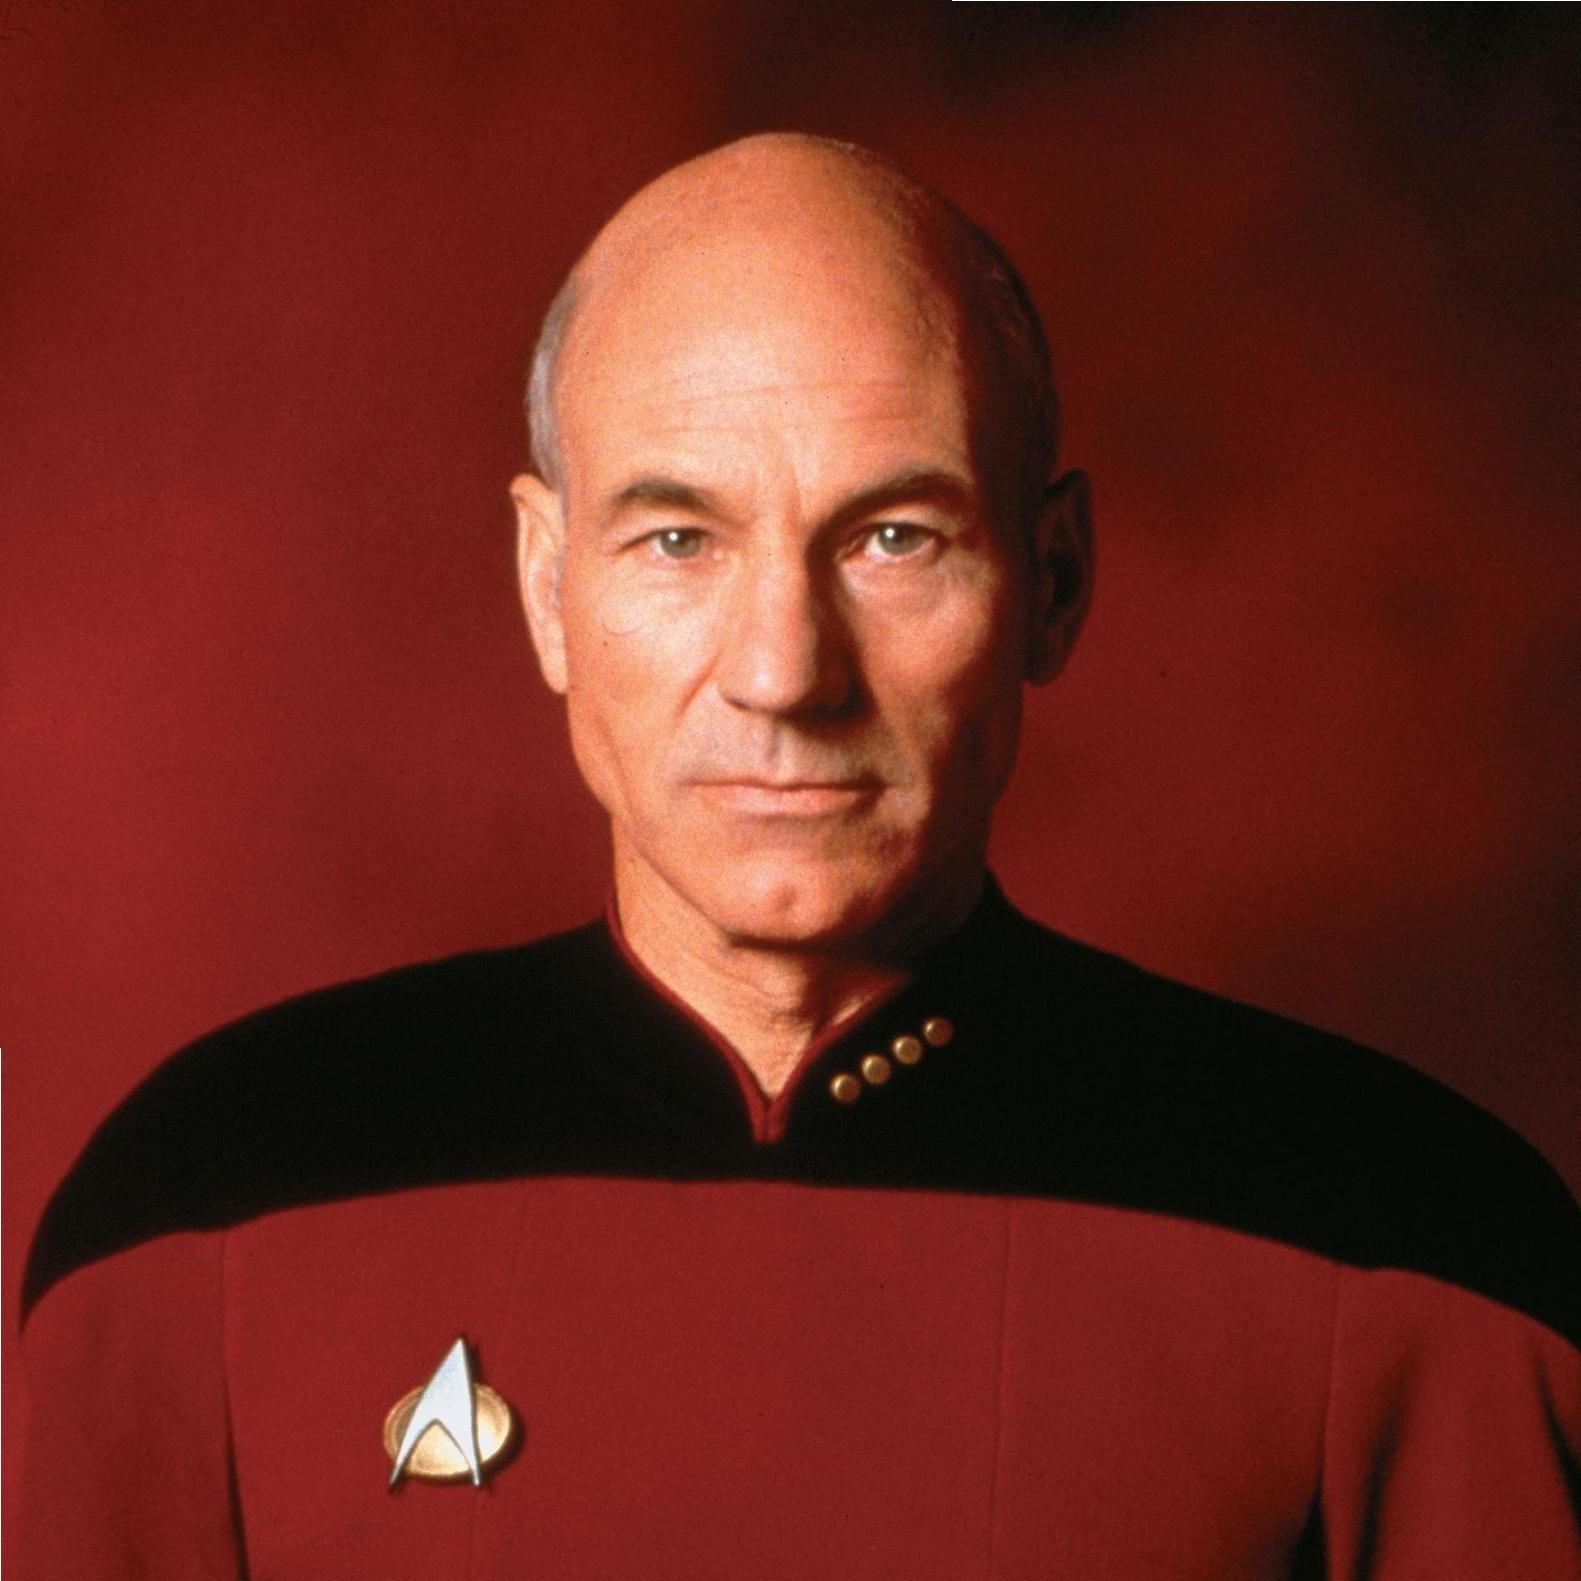 Jean – Luc Picard